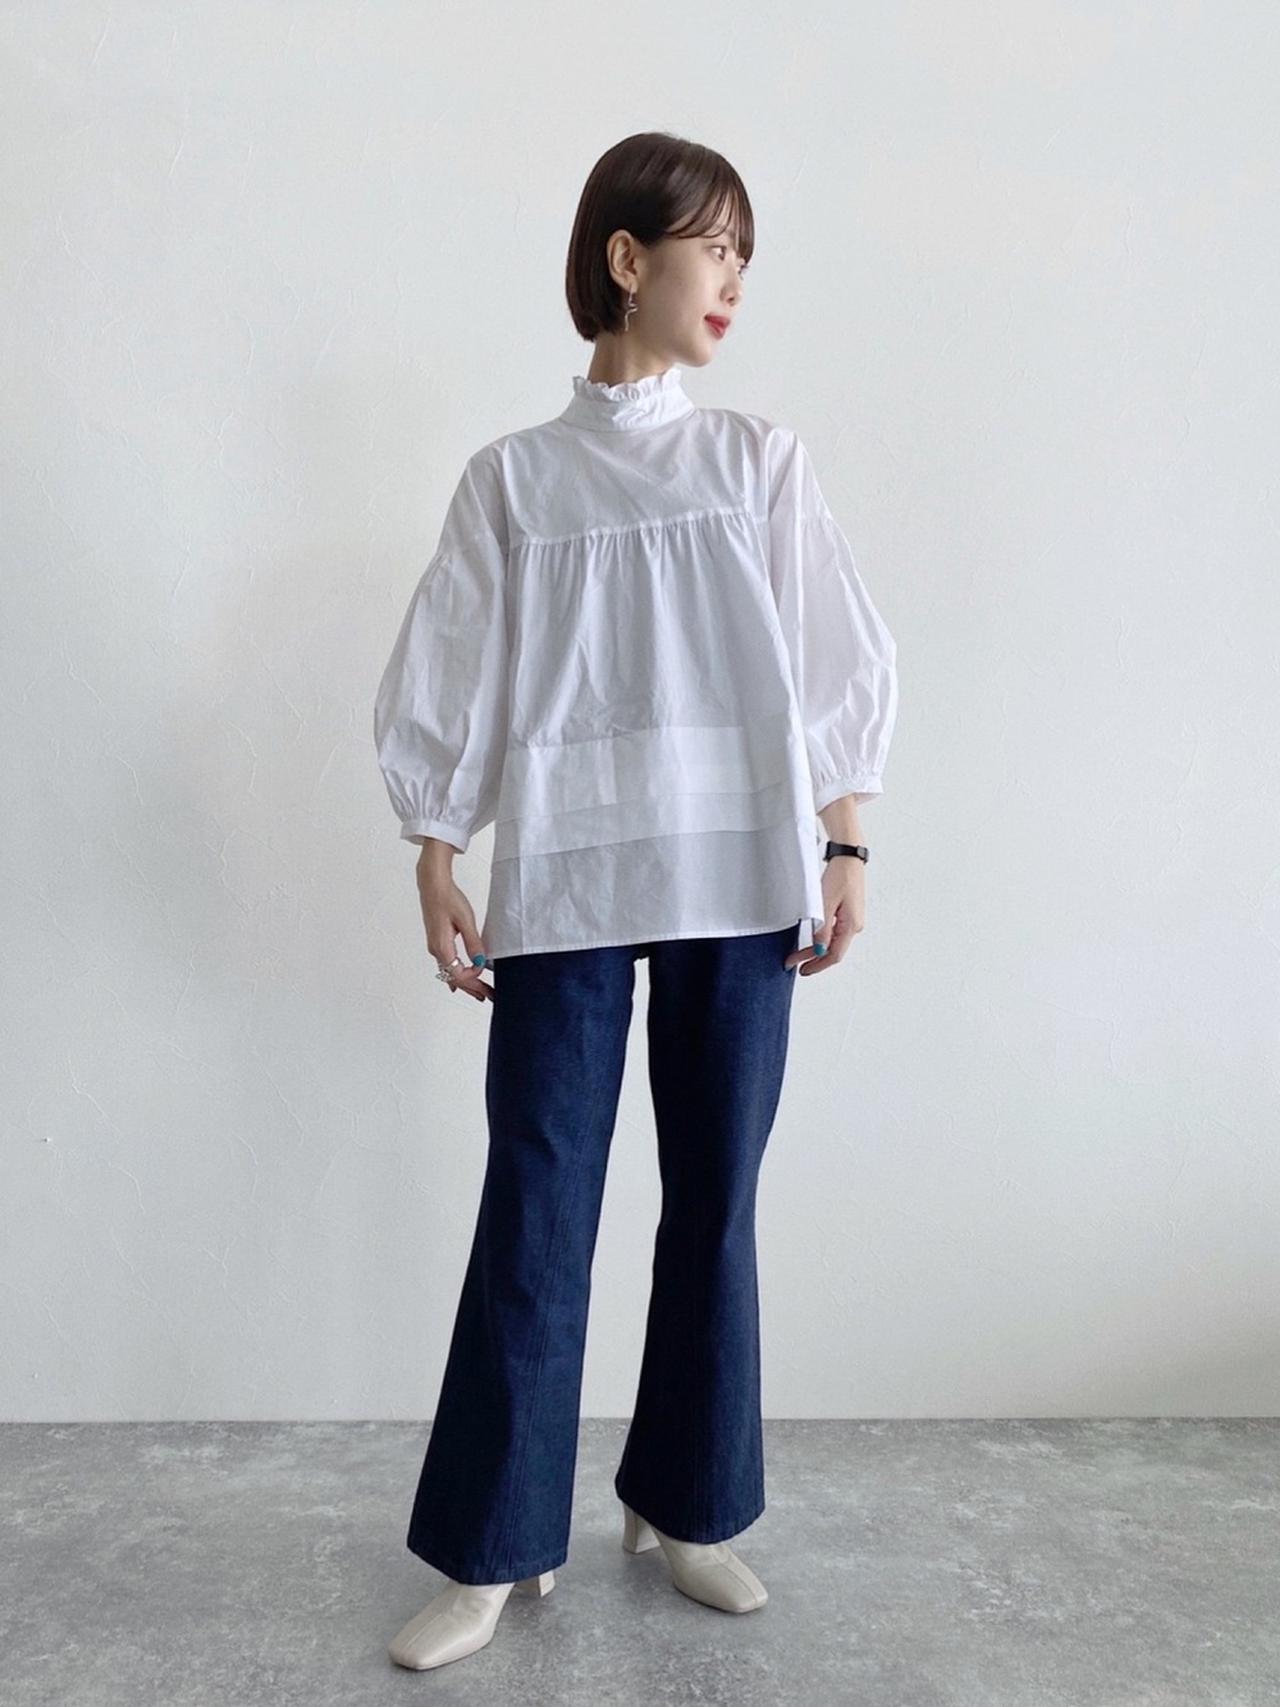 画像: 【JEANASIS】シャツ ¥6,600(税込)パンツ ¥8,800(税込)